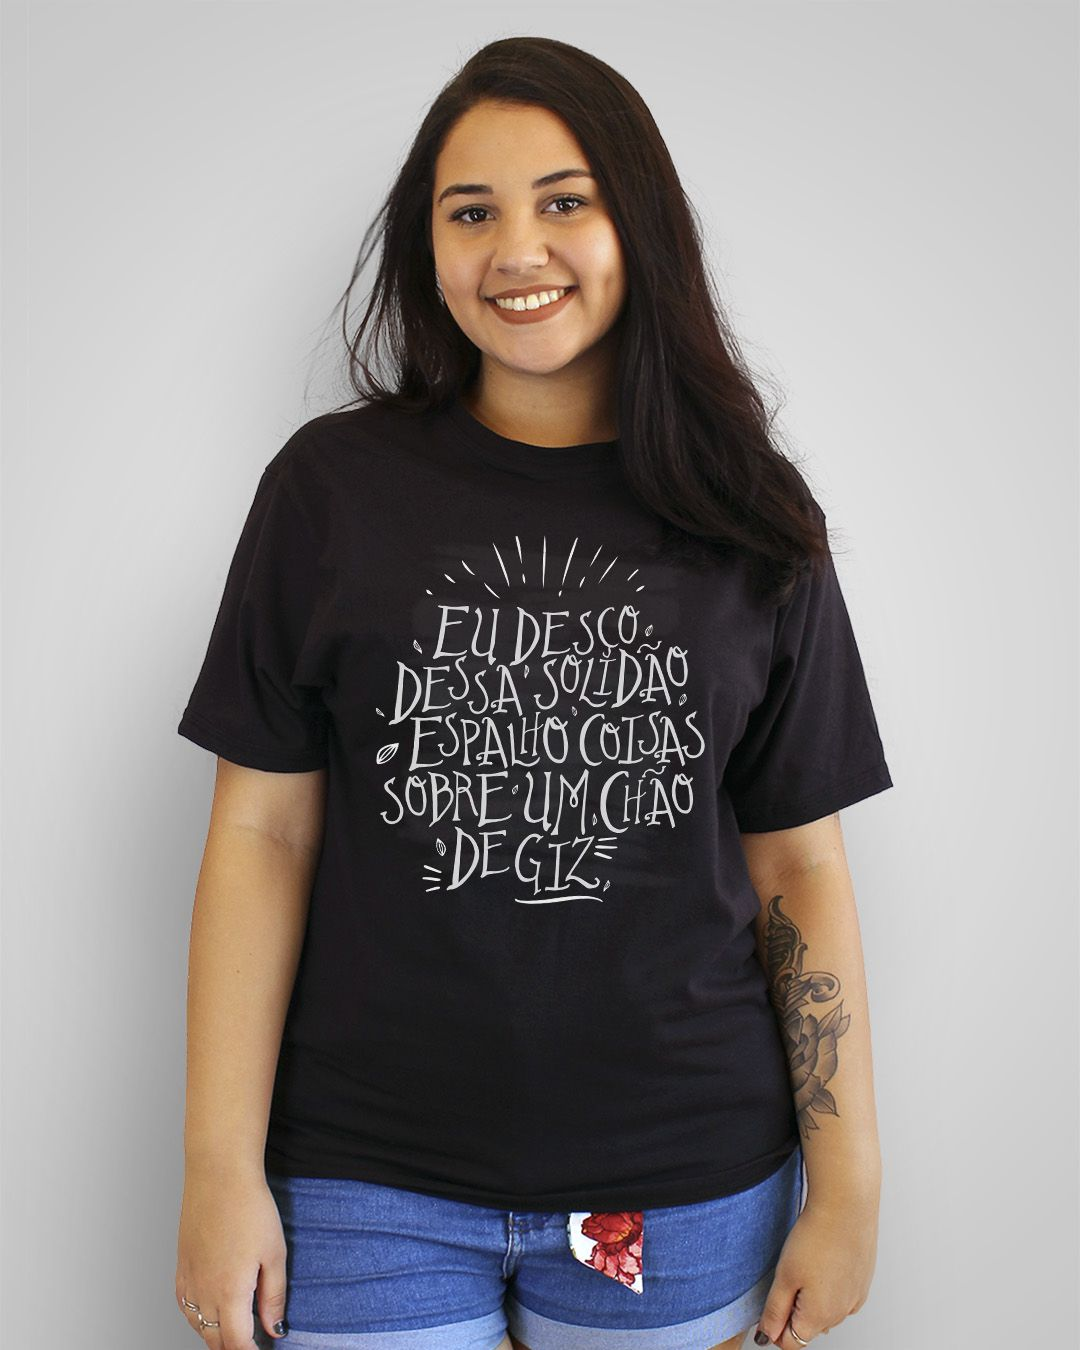 Camiseta Eu desço dessa solidão, espalho coisas sobre um chão de giz - Zé Ramalho